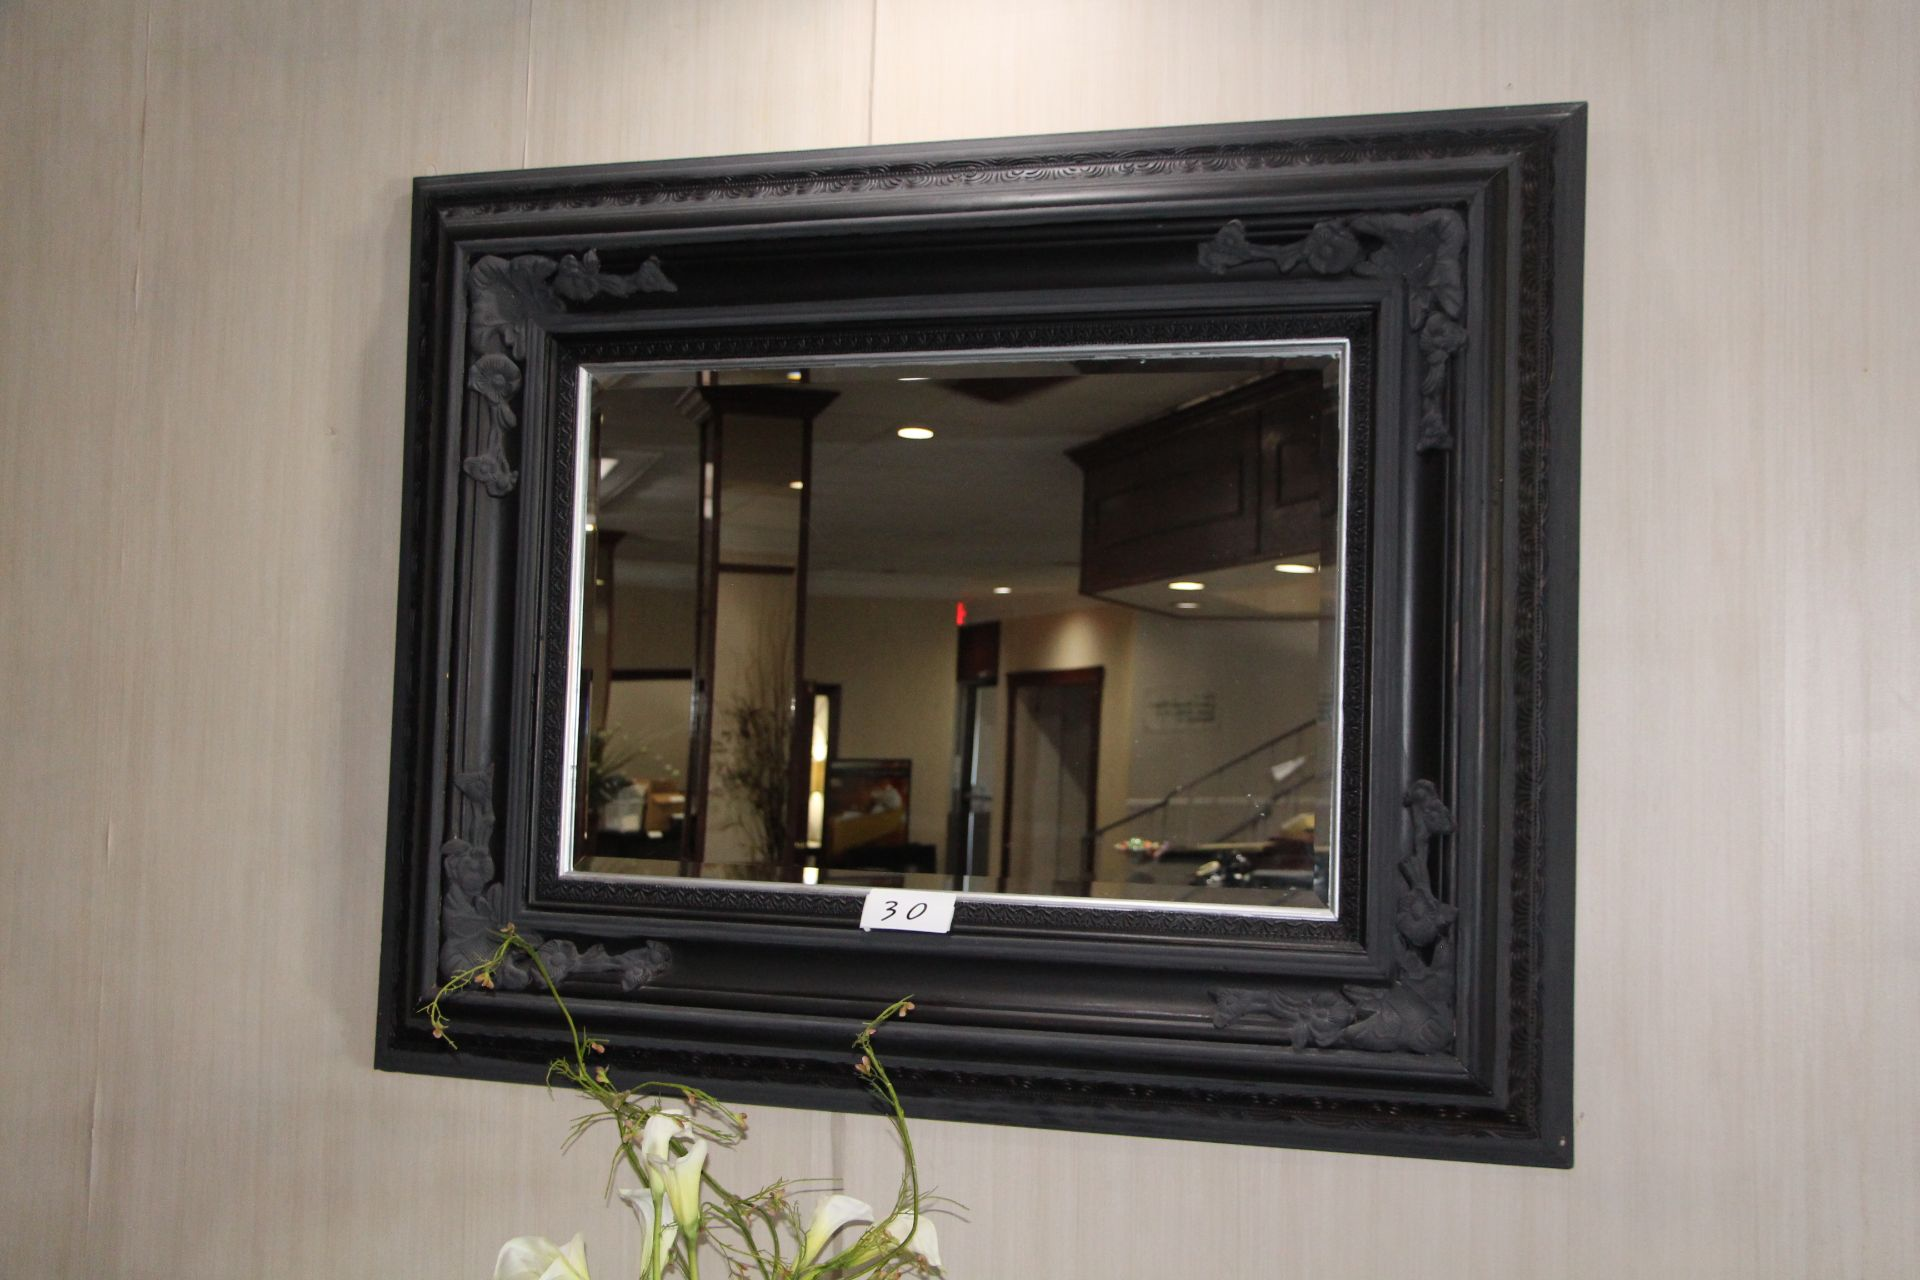 Lot 30 - Wooden framed mirror